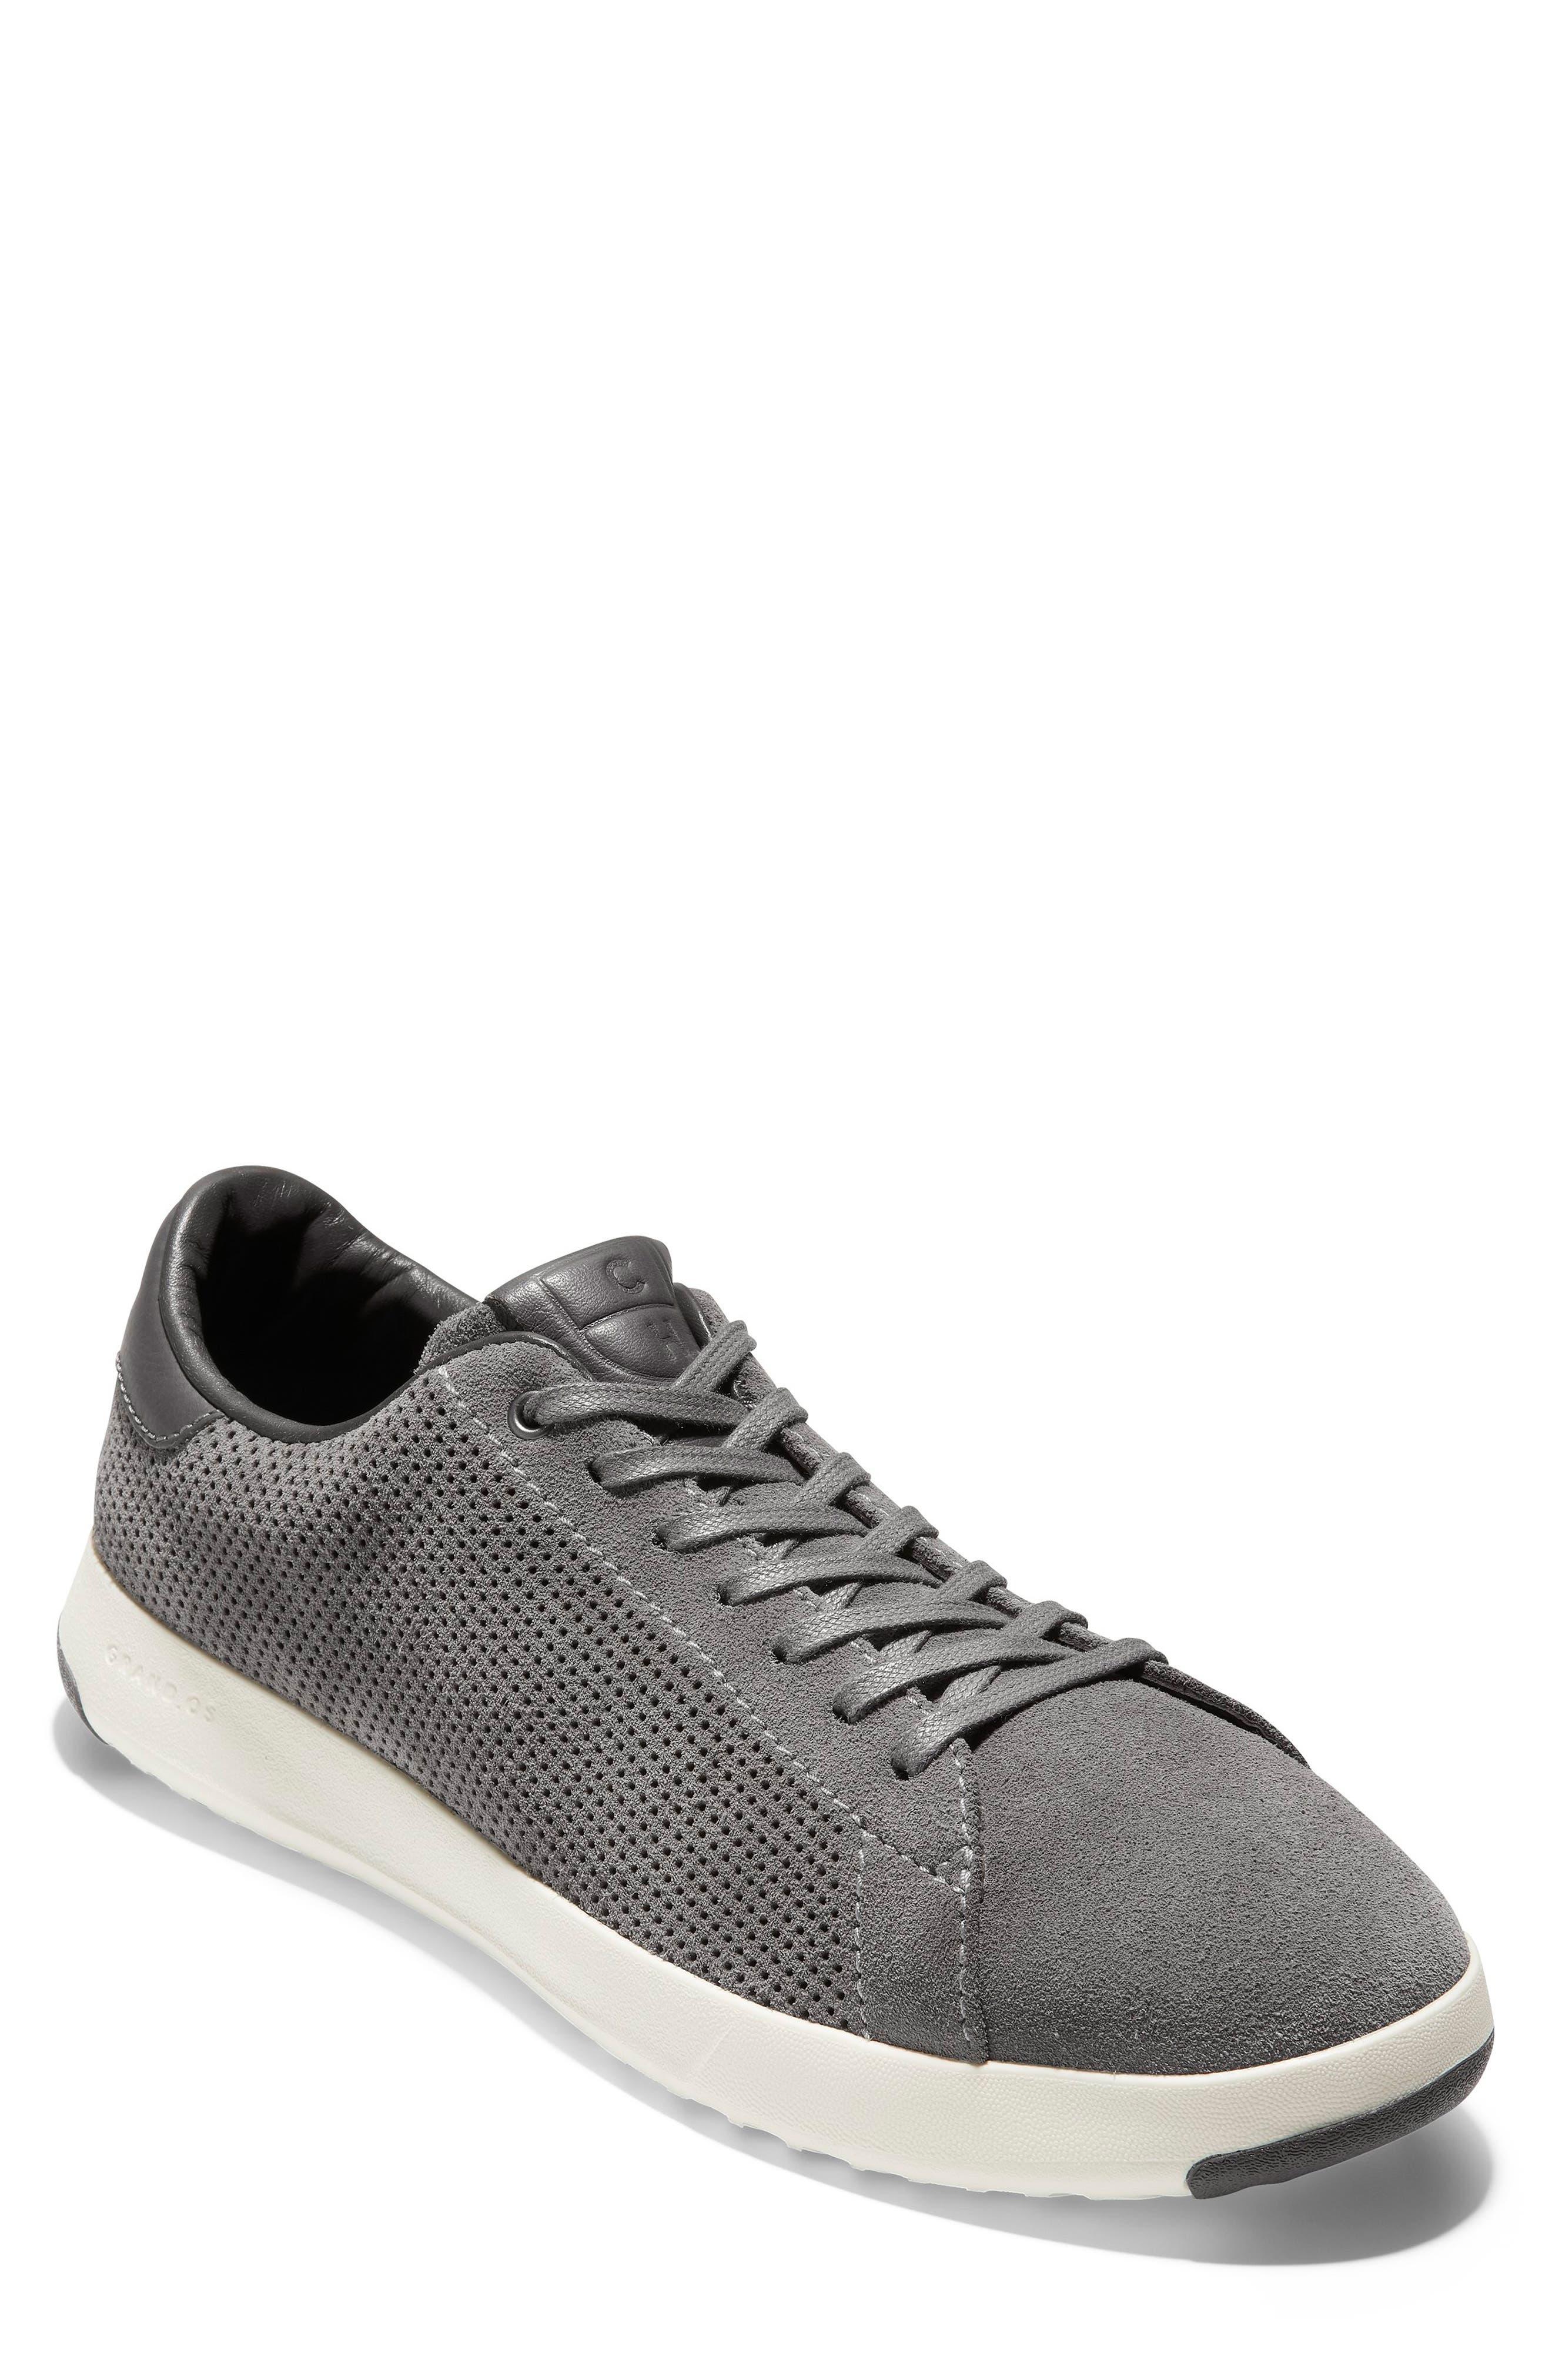 COLE HAAN GrandPro Tennis Sneaker, Main, color, GREY SUEDE